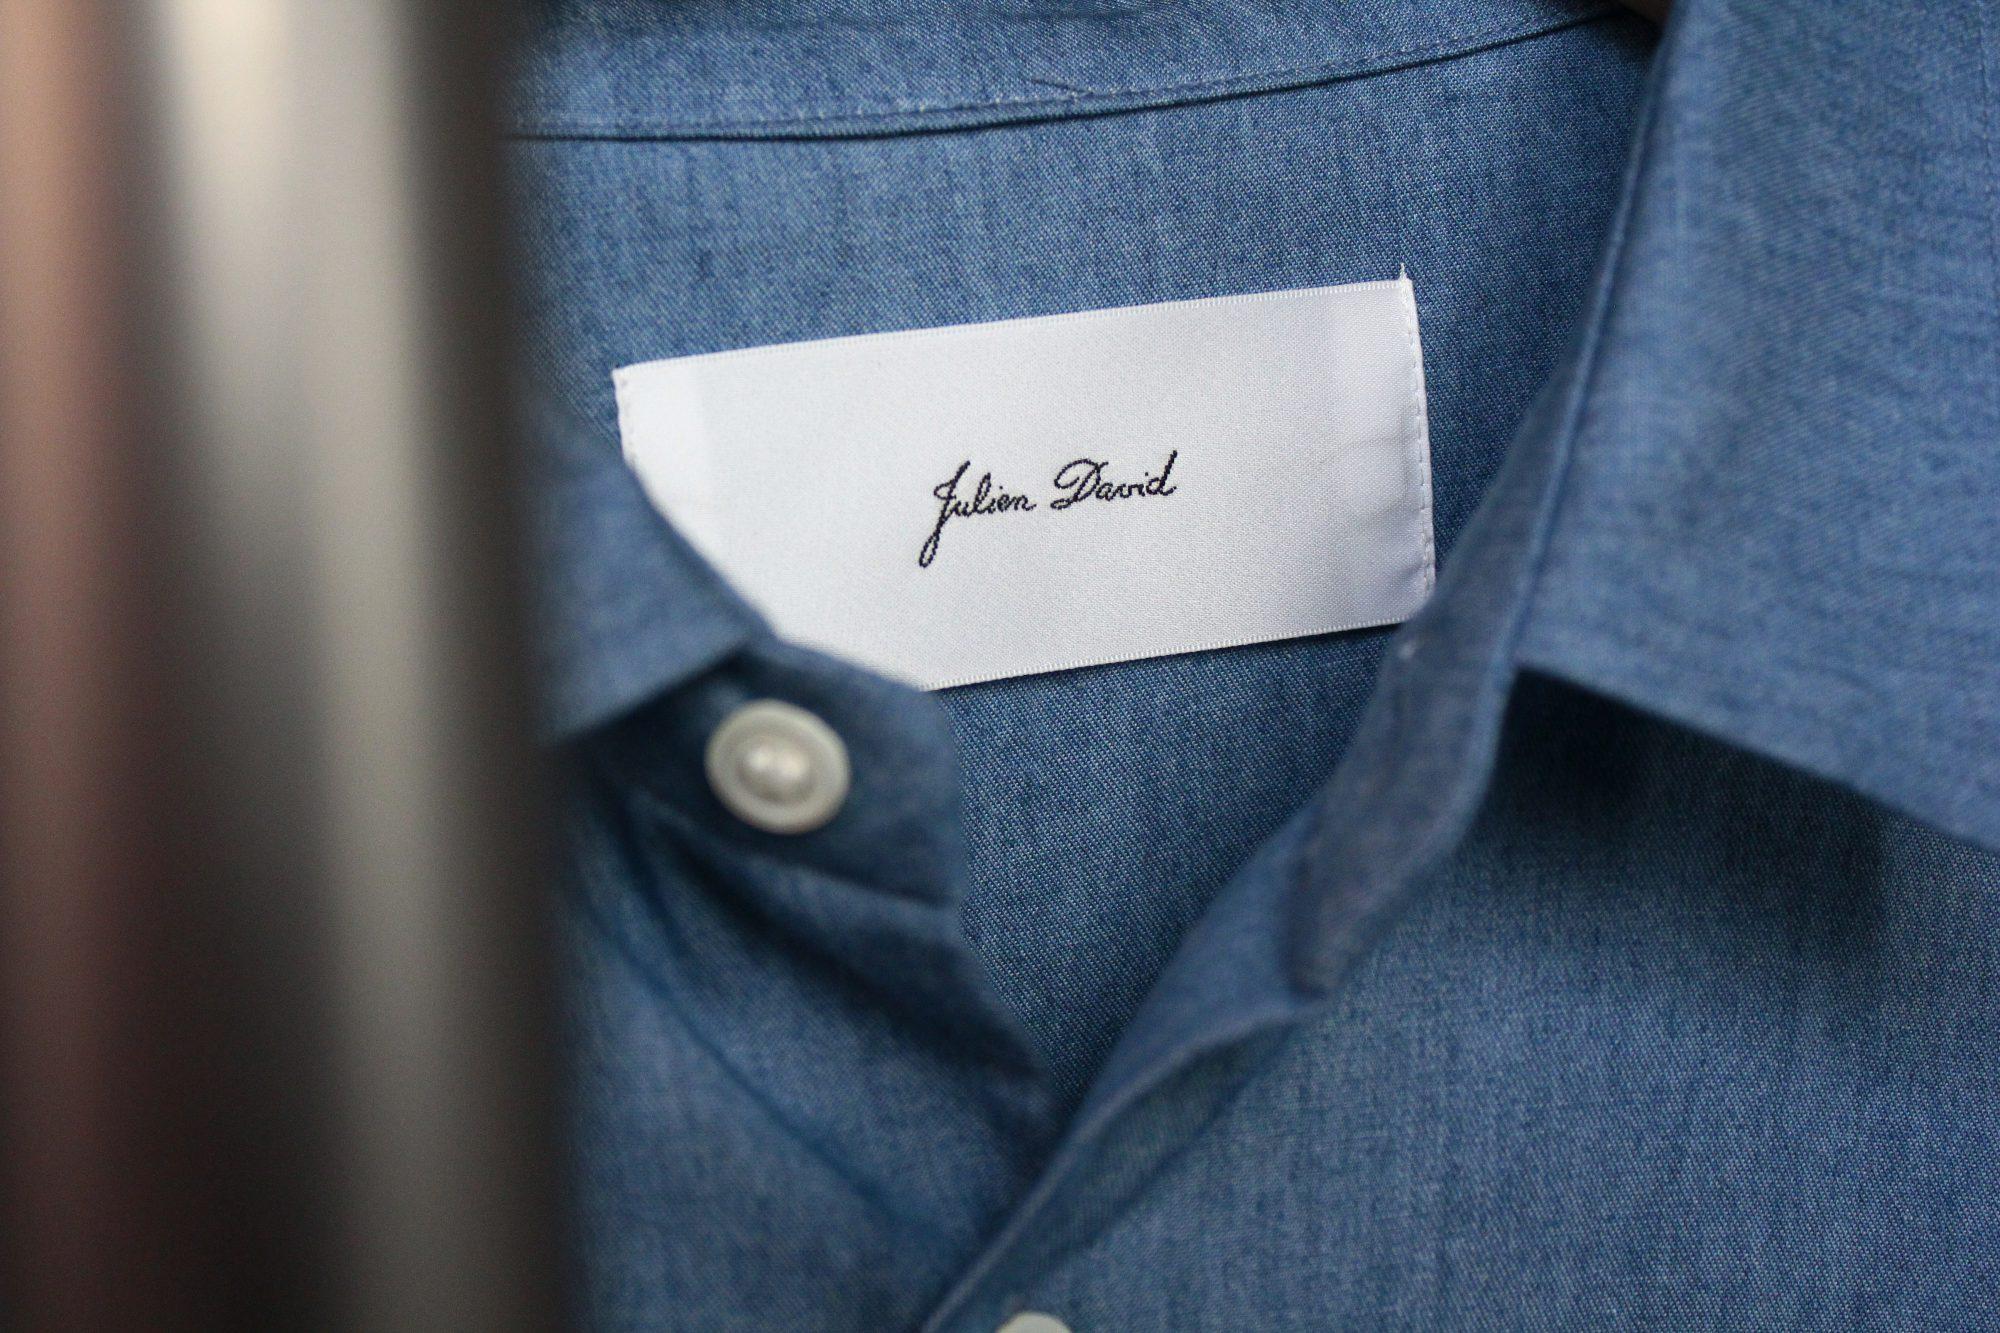 JULIEN DAVID 18ss Cotton Shirt